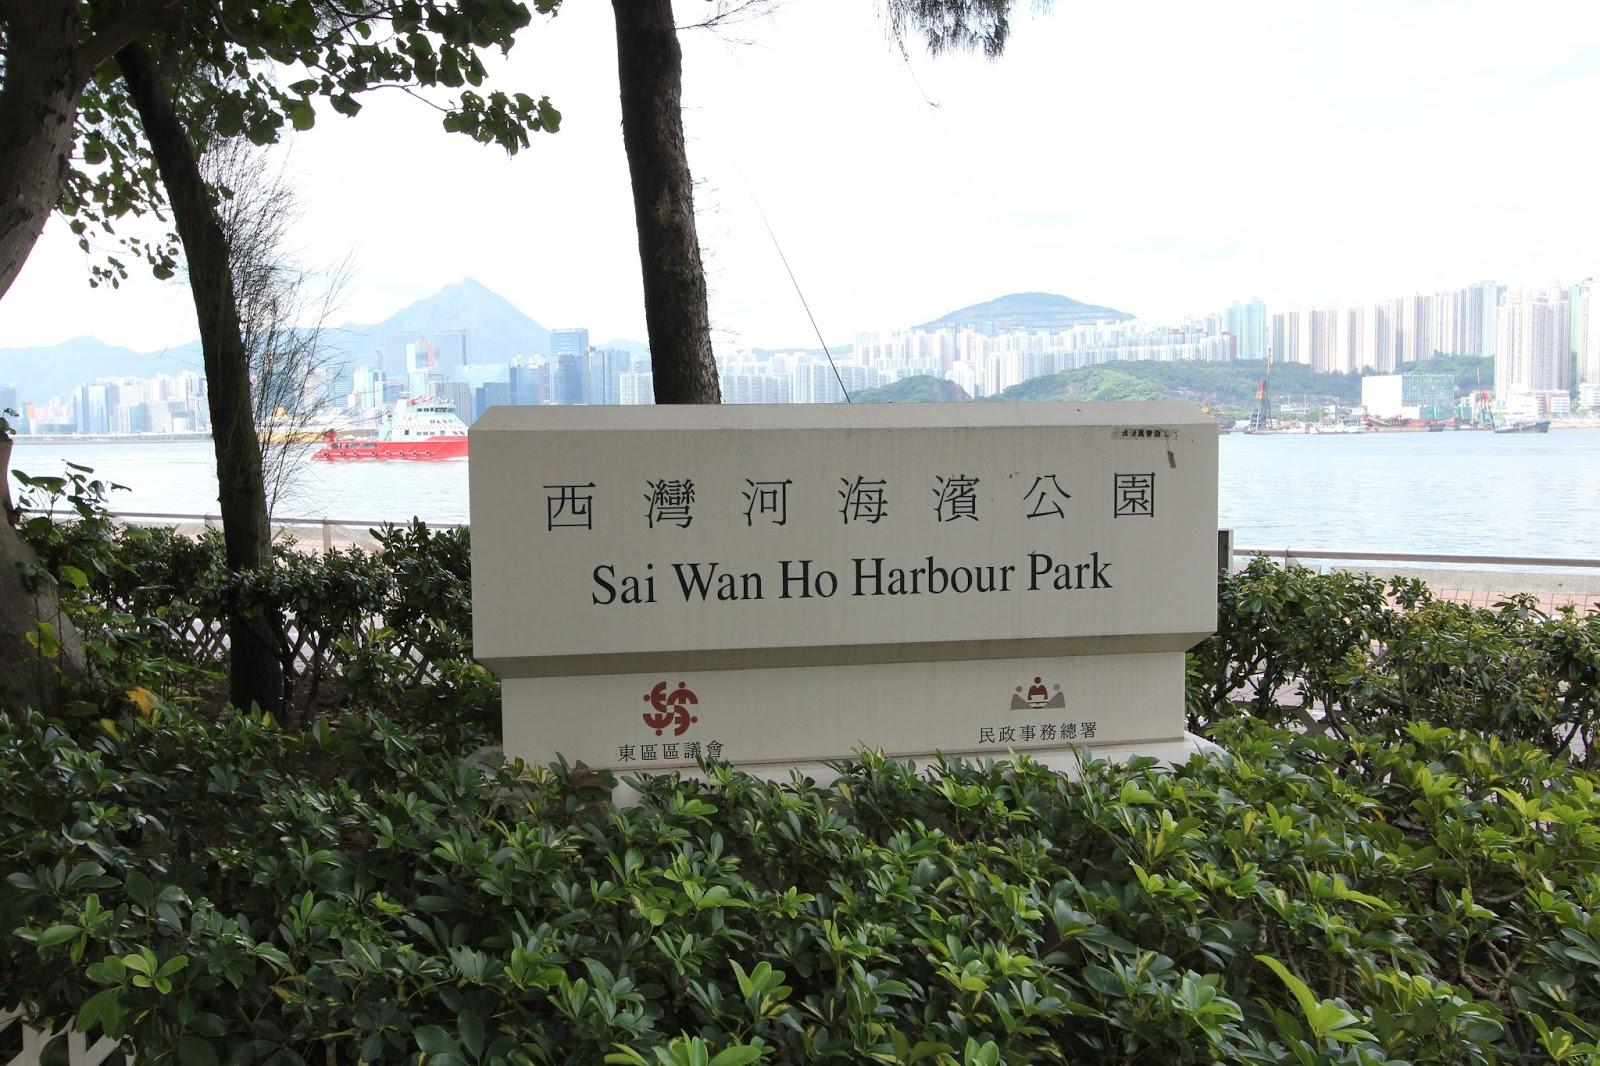 香港.足跡 - HK Geographic Footprint: 鰂魚涌海濱長廊